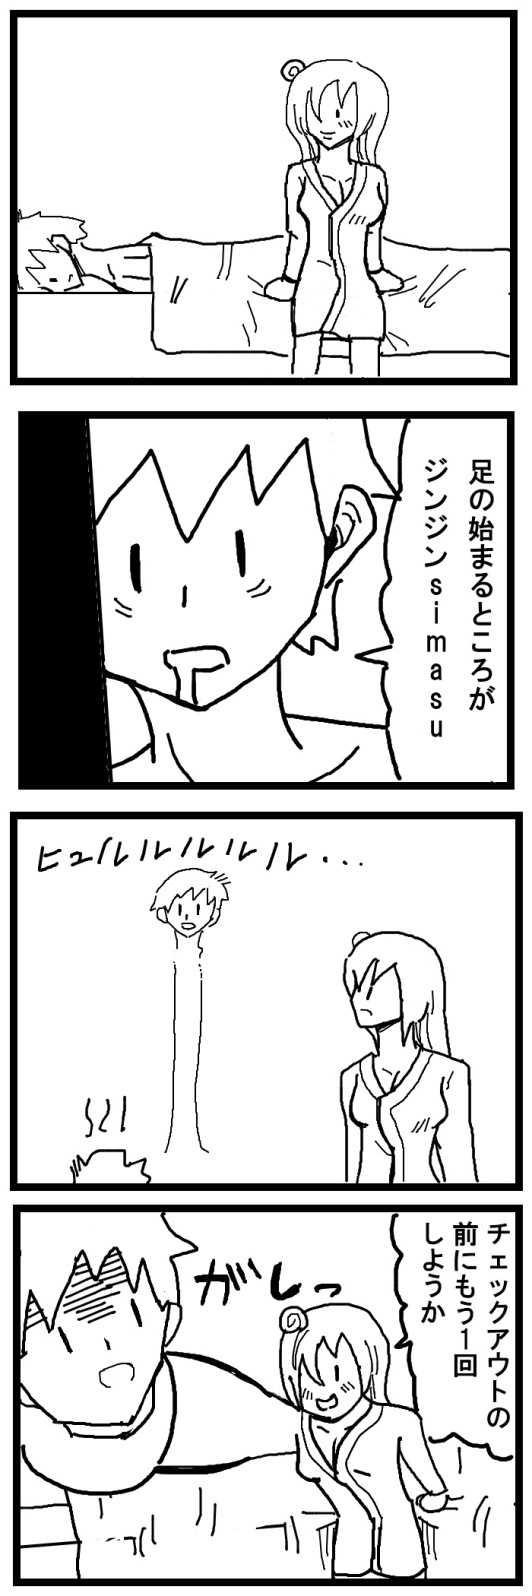 肺太郎16~20話